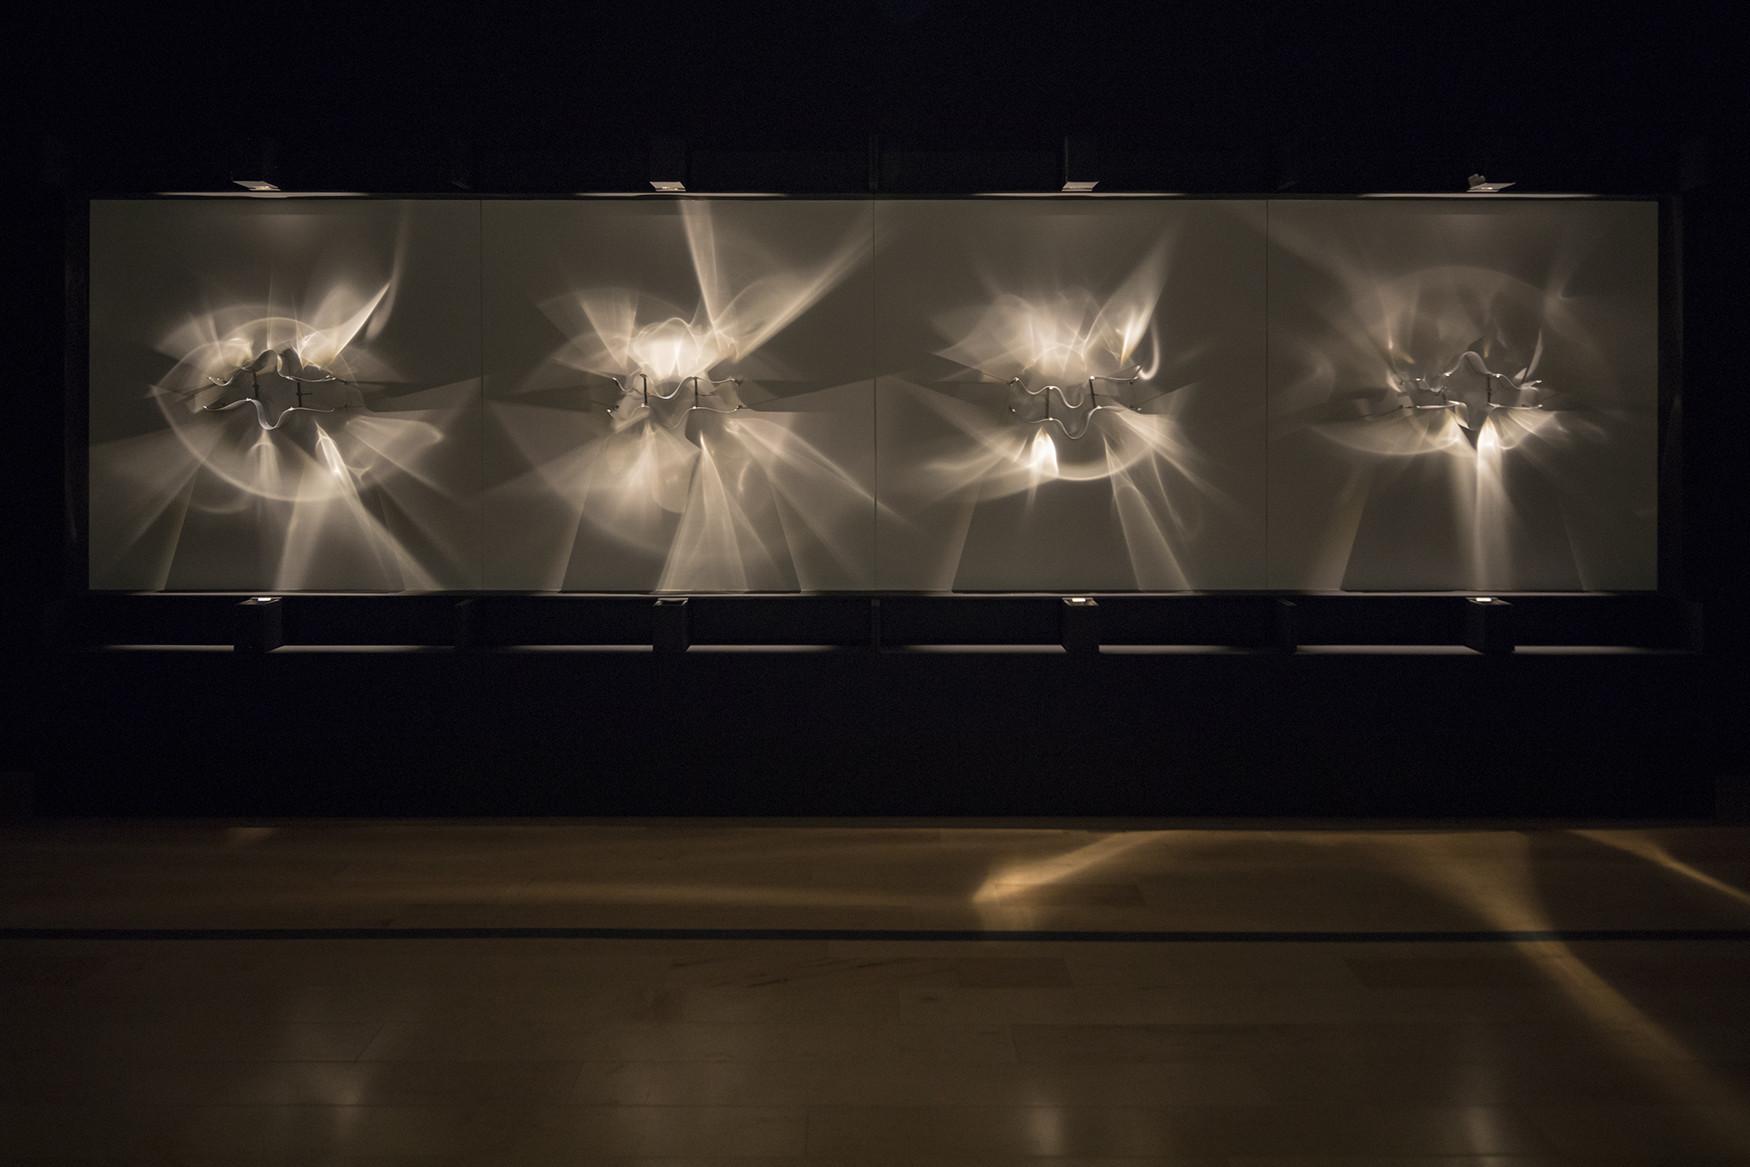 """Julio Le Parc, """"Continuel-lumiere avec formes en contorsion,"""" 1966/2012; wood, plastic, light, motor"""